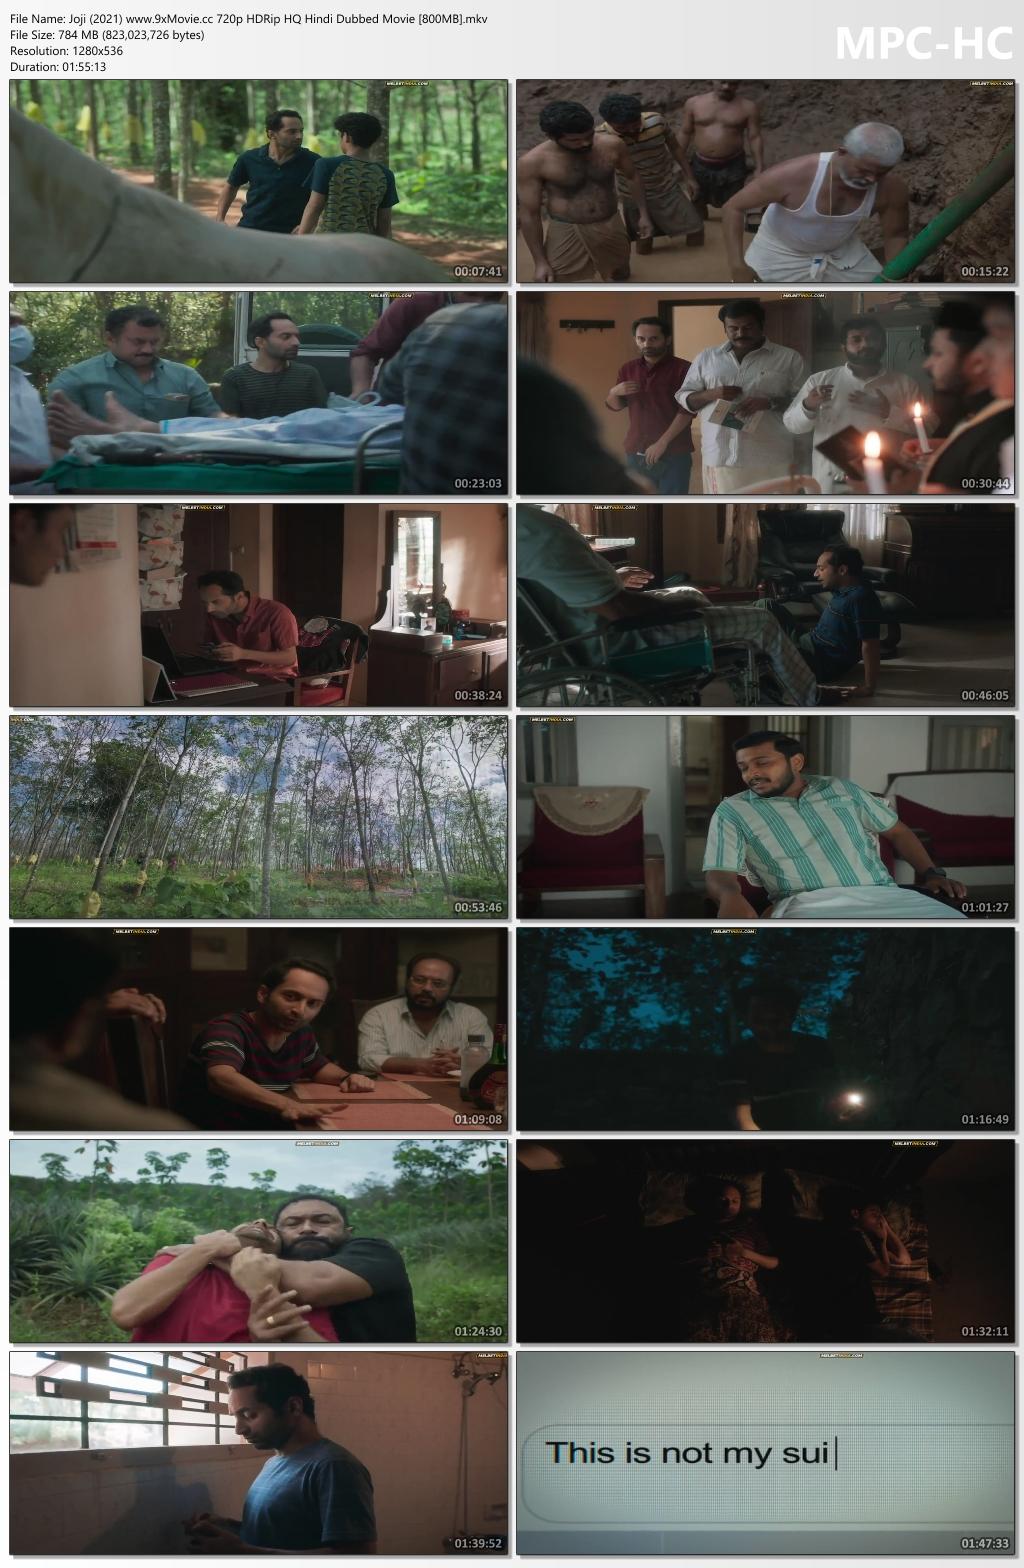 Joji-2021-www-9x-Movie-cc-720p-HDRip-HQ-Hindi-Dubbed-Movie-800-MB-mkv